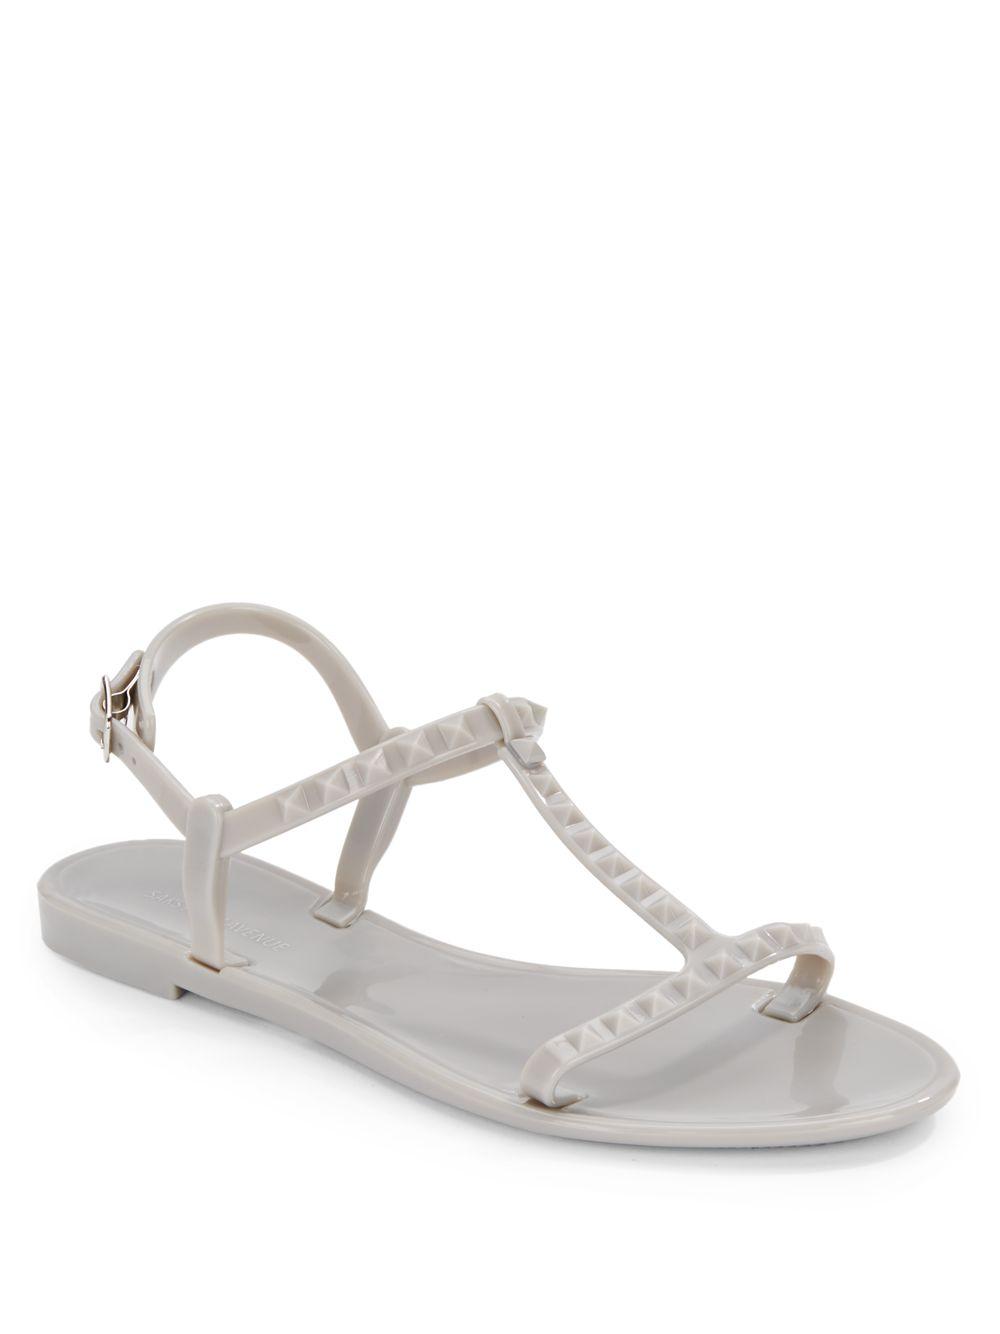 Saks Fifth Avenue Studded T-Strap Sandals big sale cheap online cheap sale marketable 5WXhAPx